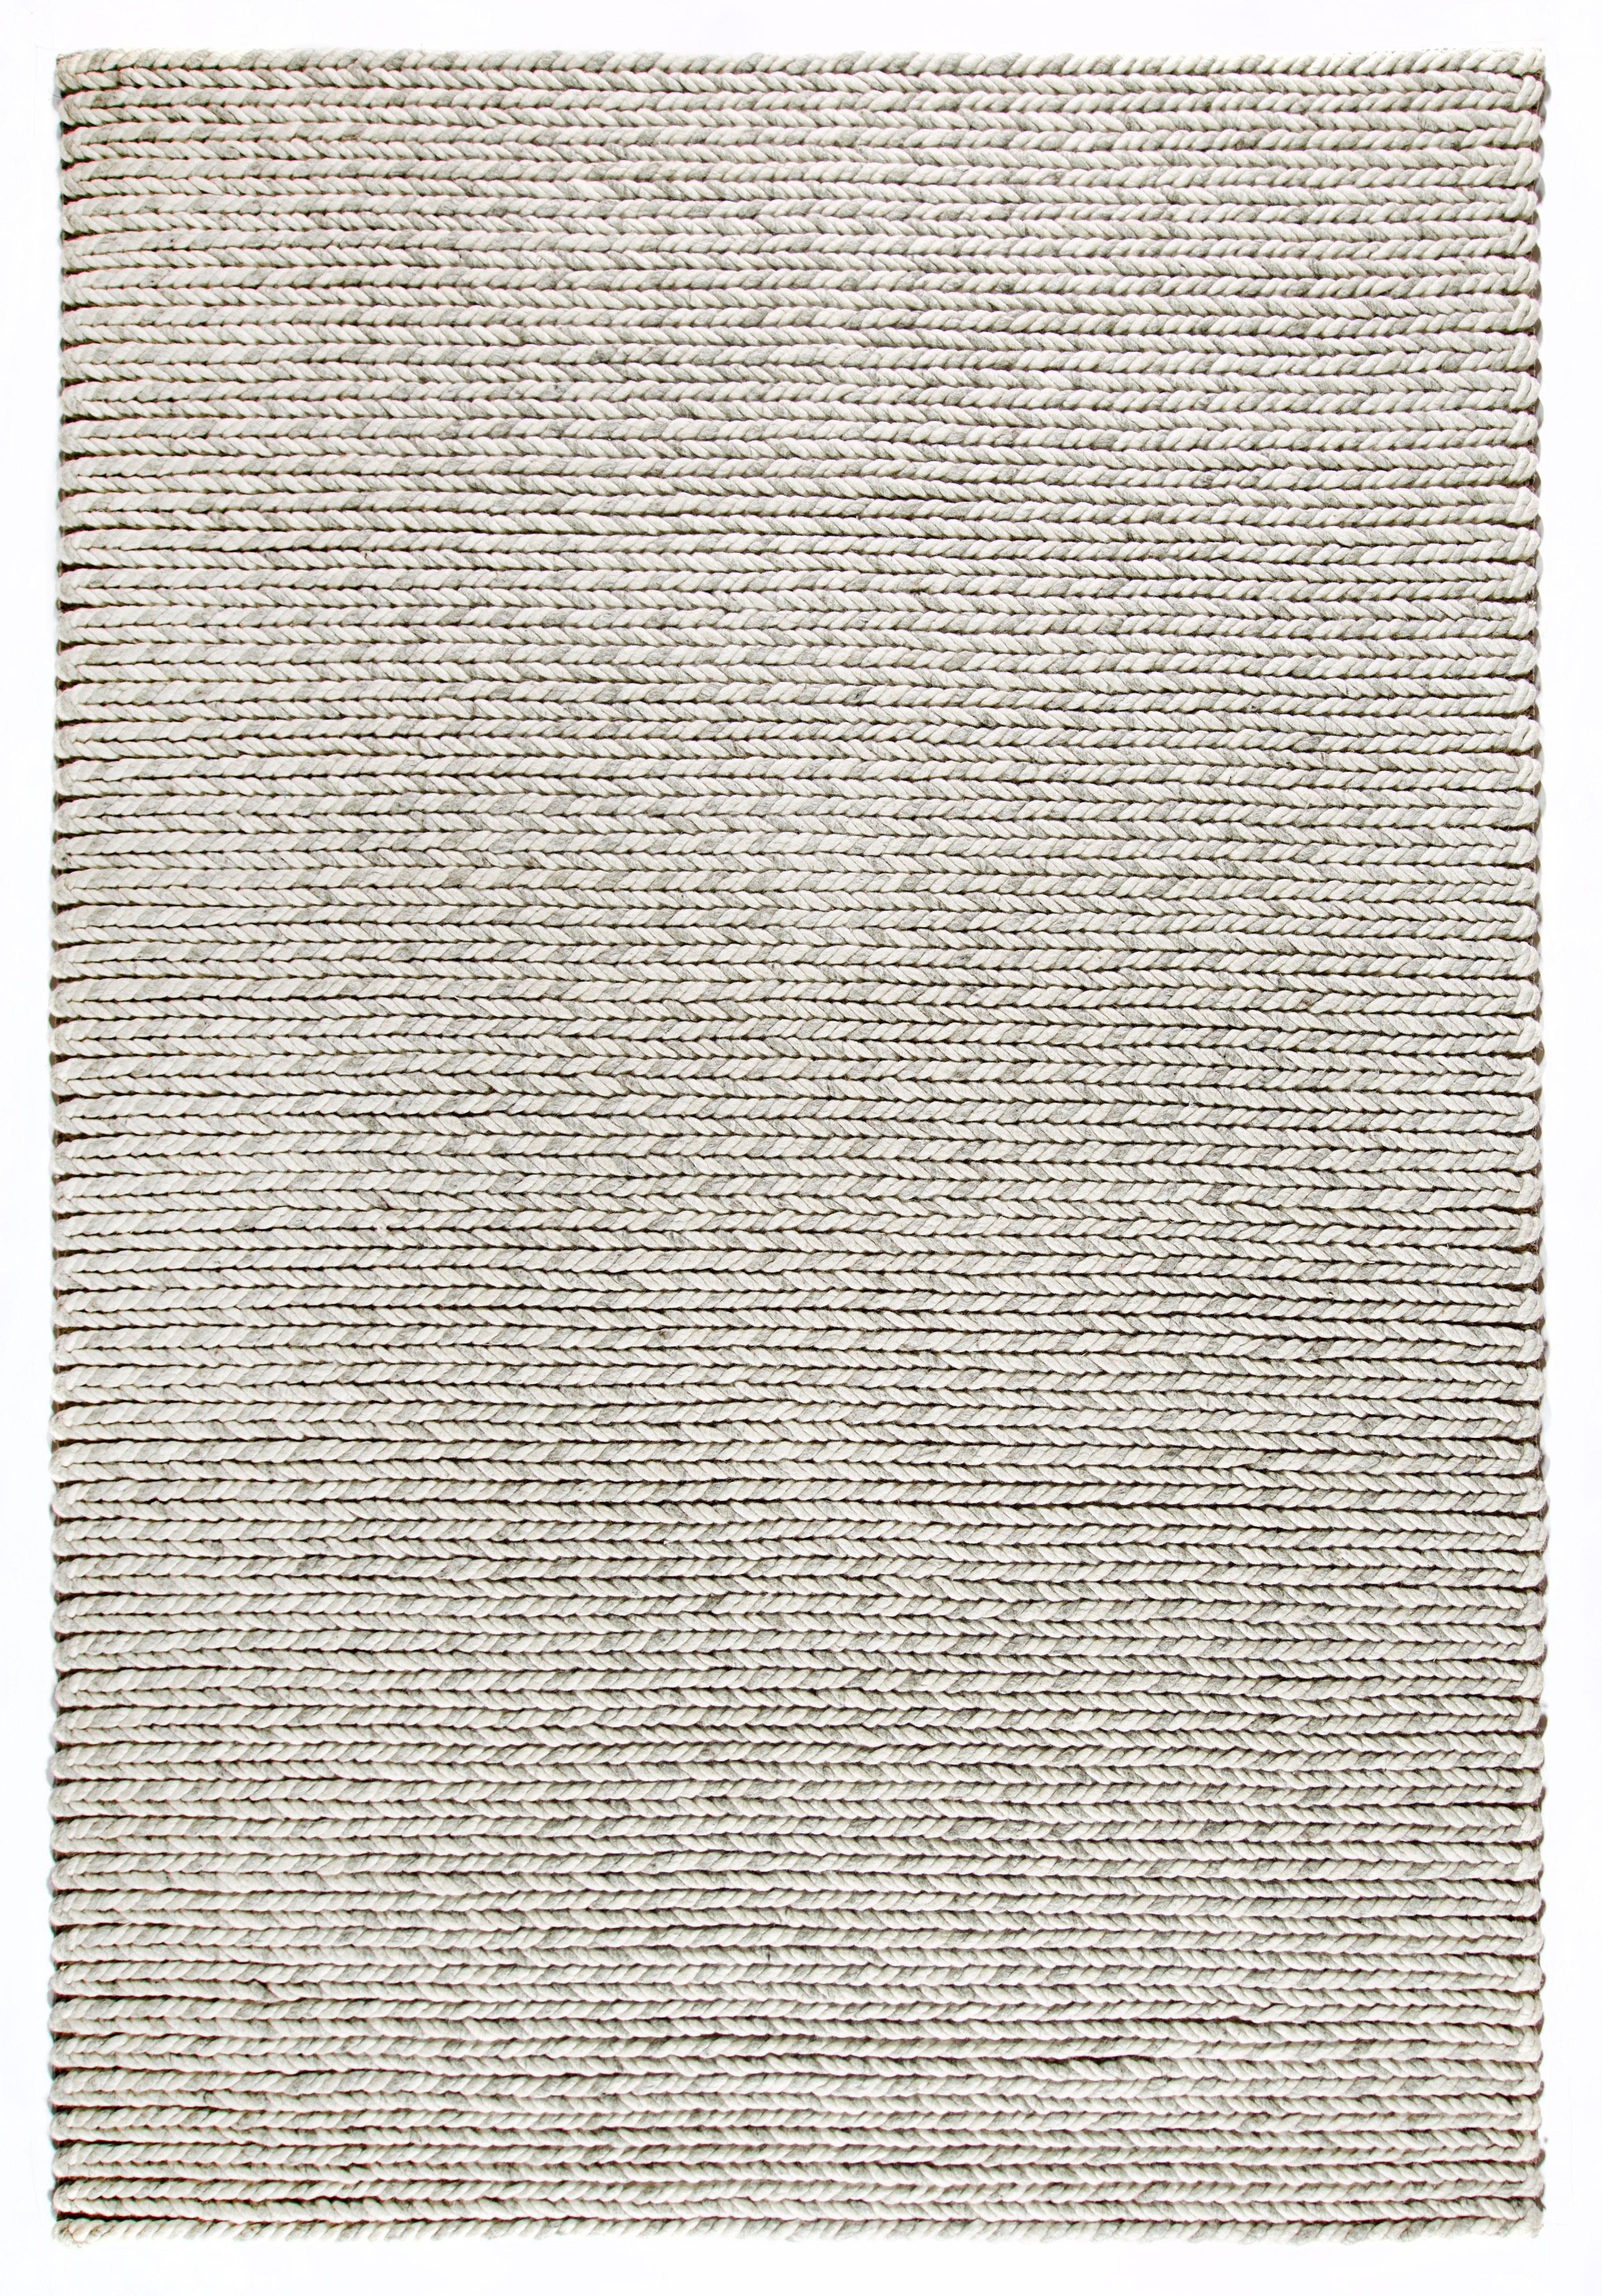 Dekowe Hochflor-Teppich Enja, rechteckig, 25 mm Höhe, Strickoptik, Wohnzimmer grau Esszimmerteppiche Teppiche nach Räumen